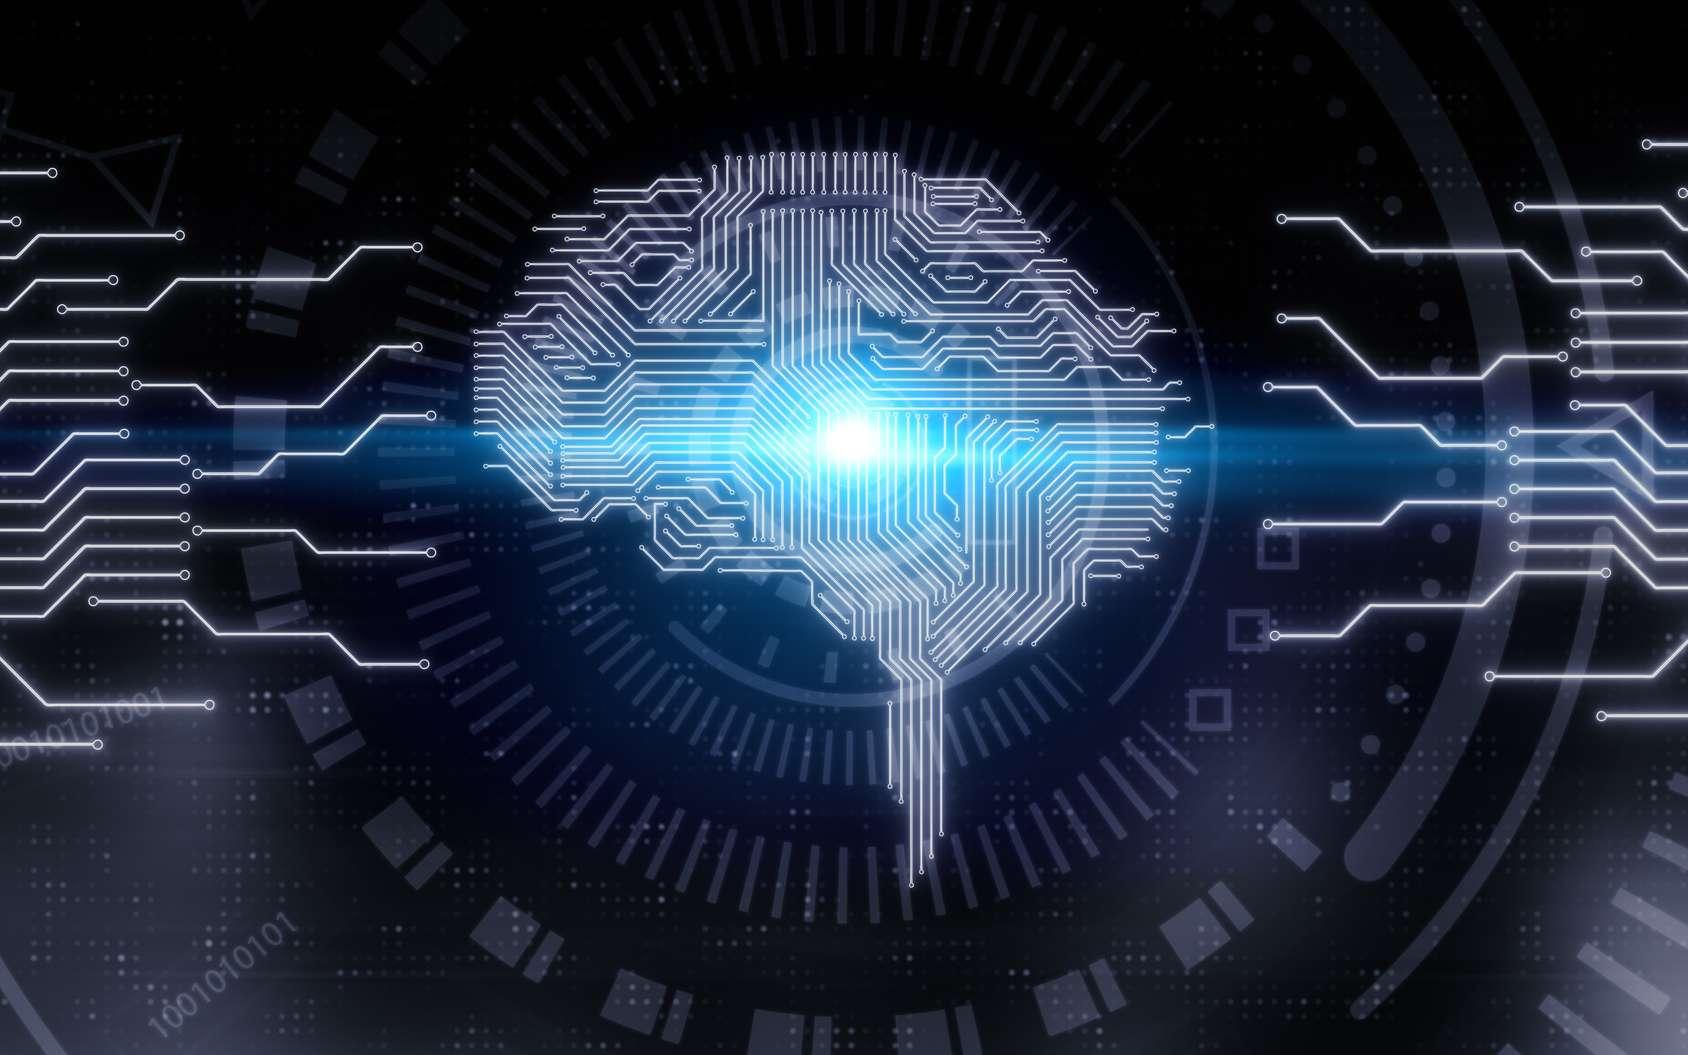 Une nouvelle interface neuronale directe s'appuie sur le machine learning pour s'améliorer d'elle-même. © peshkova, Fotolia